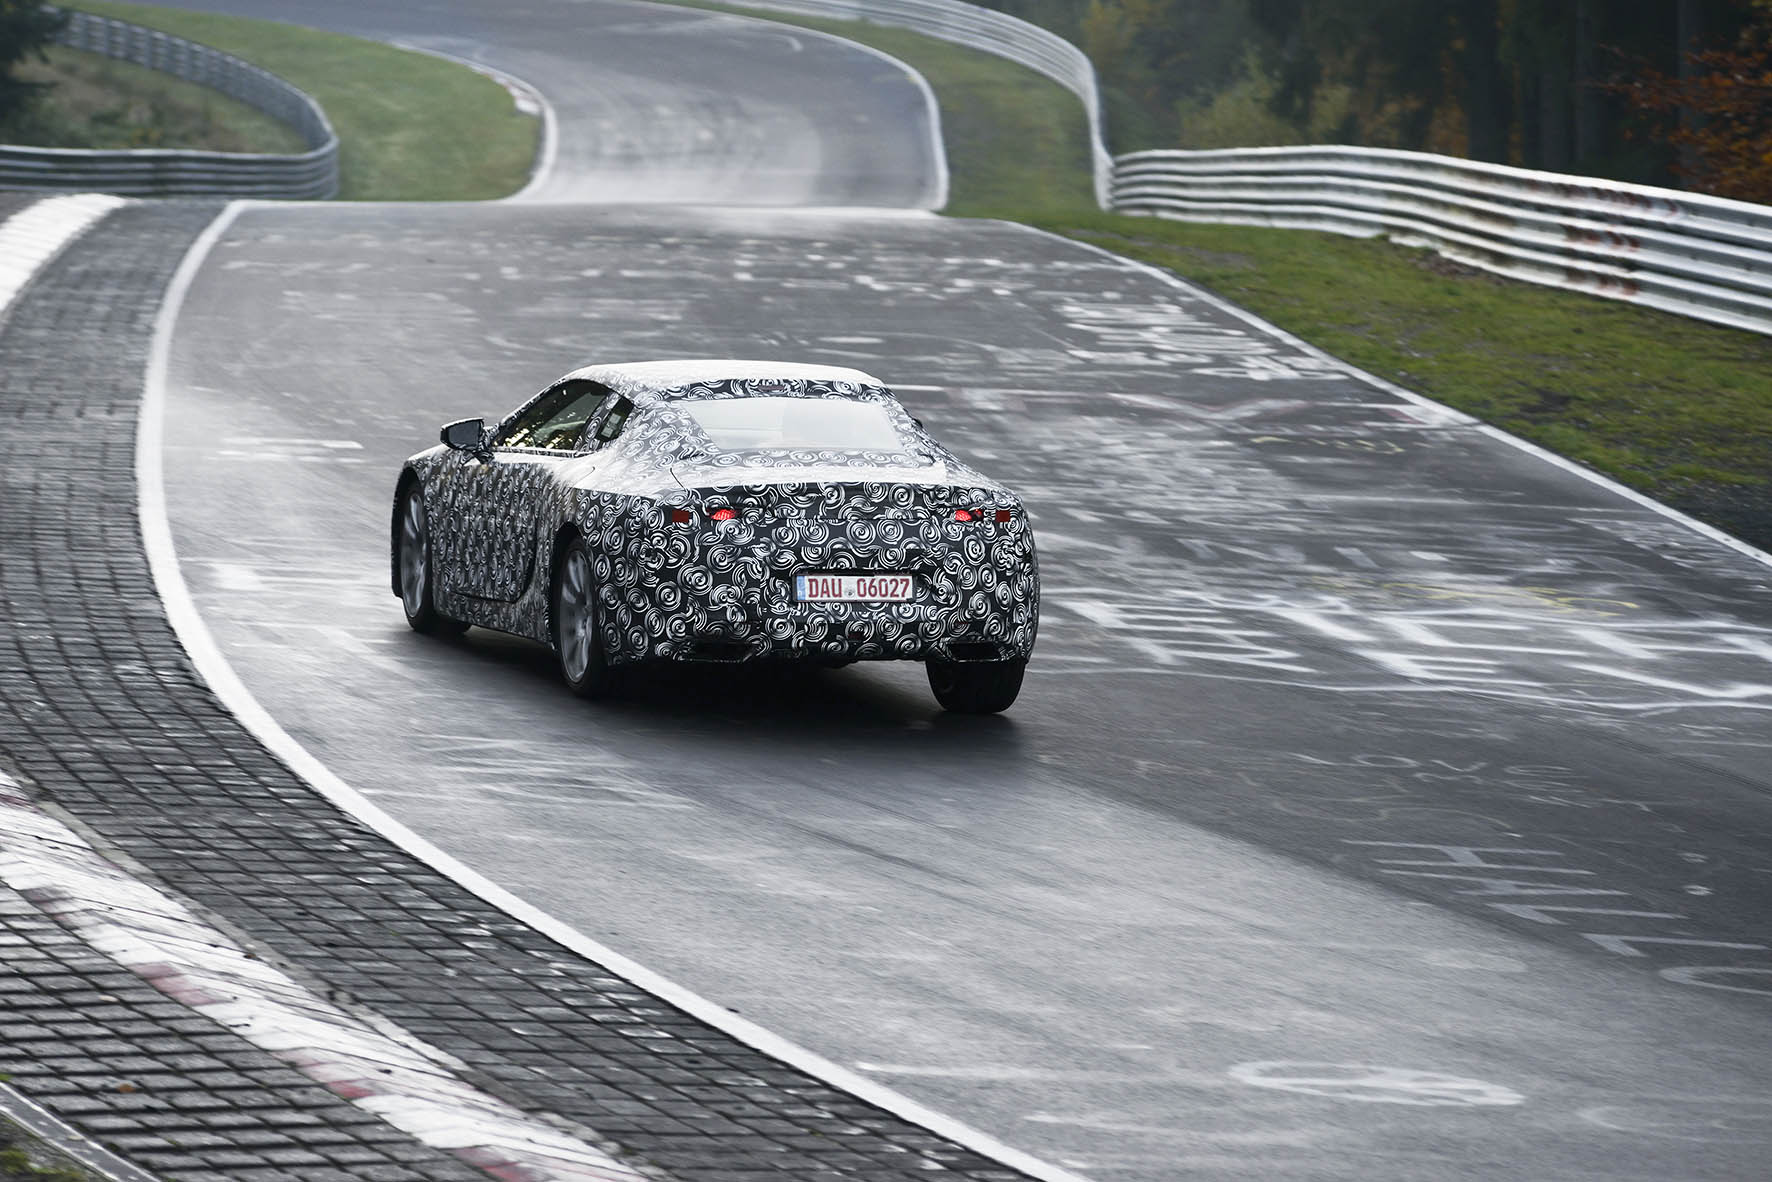 Lexus-LC-Technisch-DNA-Lexus-LFA-supersportscar-vertaald-naar-nieuwe-LC-premium-coupe-2